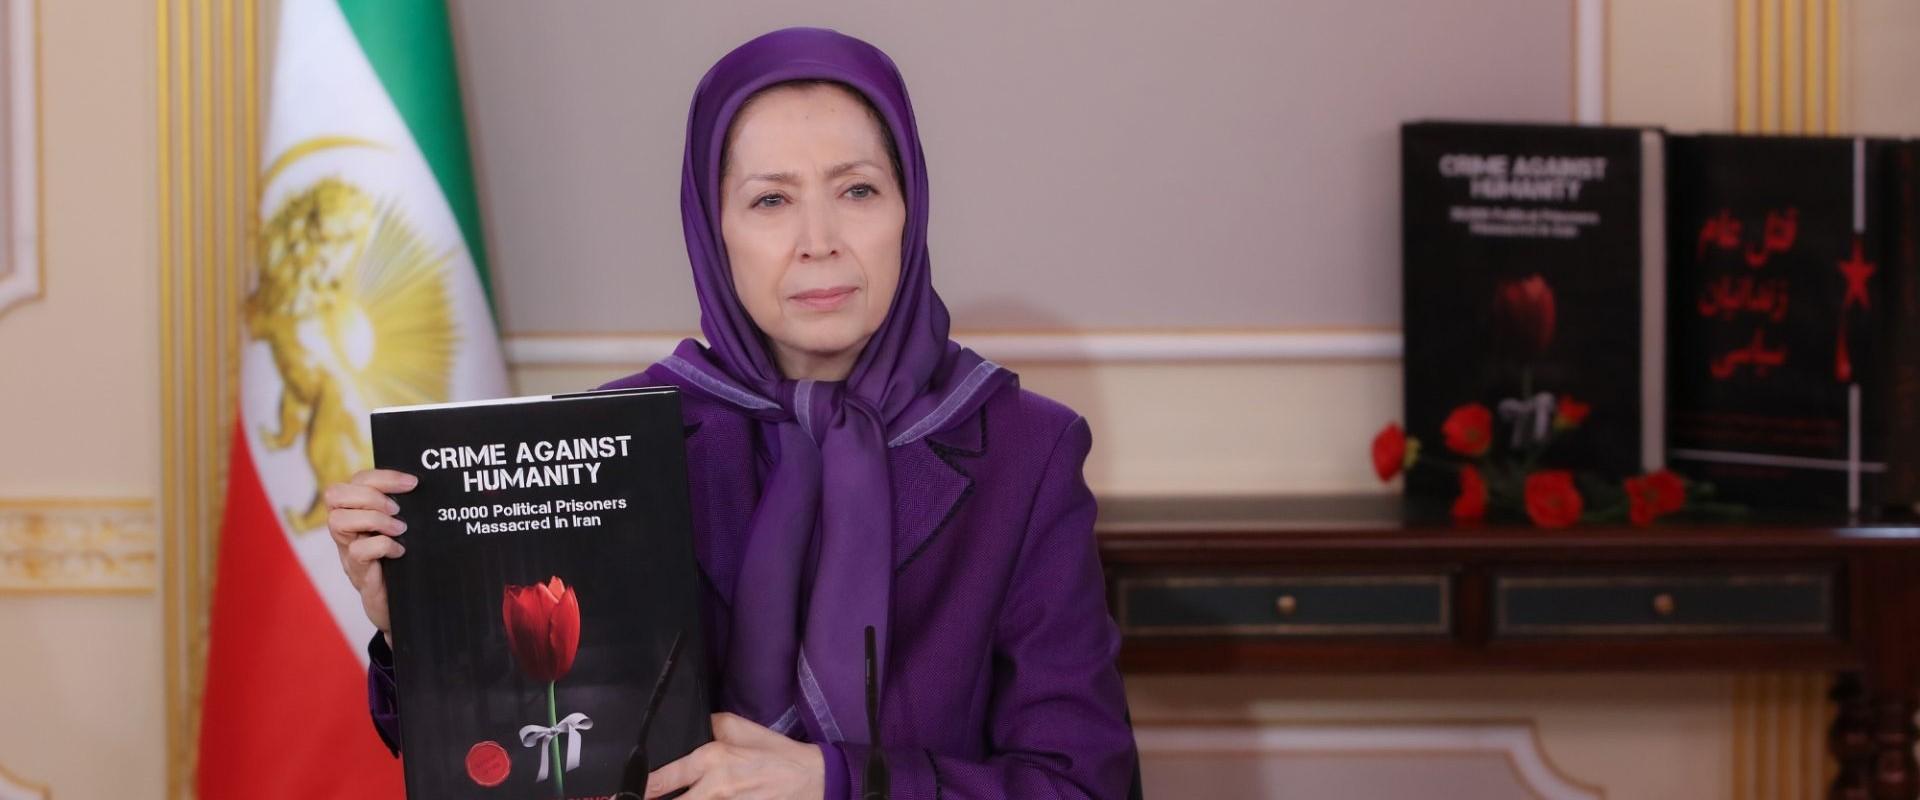 پیام به جلسه شاهدان جنایات رئیسی در قتلعام ۶۷، فراخوان به تحقیقات سازمان ملل